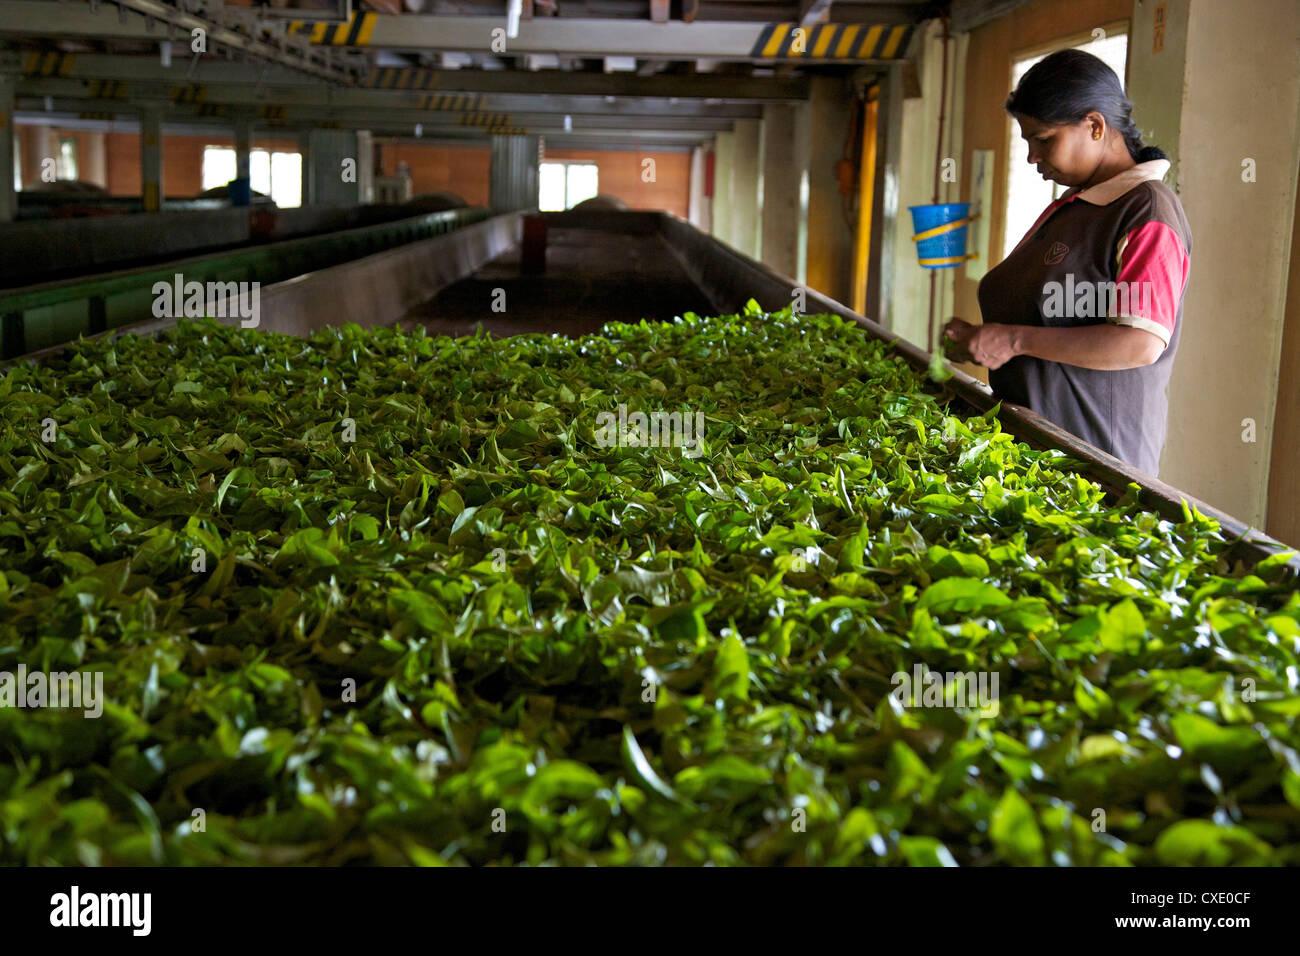 Donna asciugando le foglie di tè a Geragama piantagione di tè, nei pressi di Kandy, Sri Lanka, Asia Immagini Stock